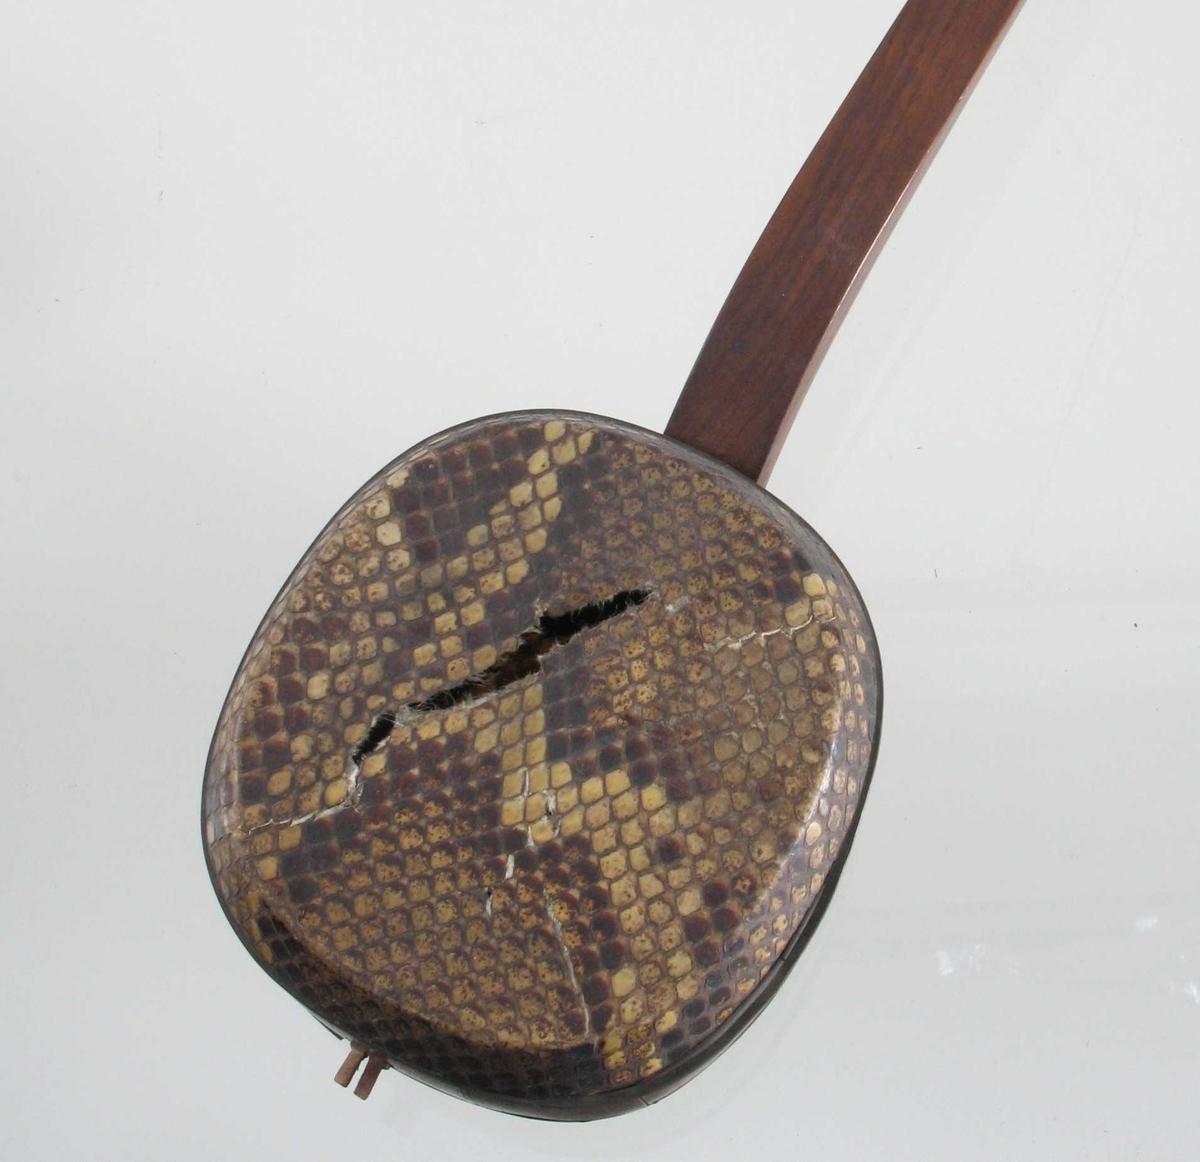 Tre,  Krokodilleskinn. Selve kassen forholdsvis liten sammenlignet med skaftet. Kassens bunn  og lokk av krokodilleskinn.   Strengeinstrument.